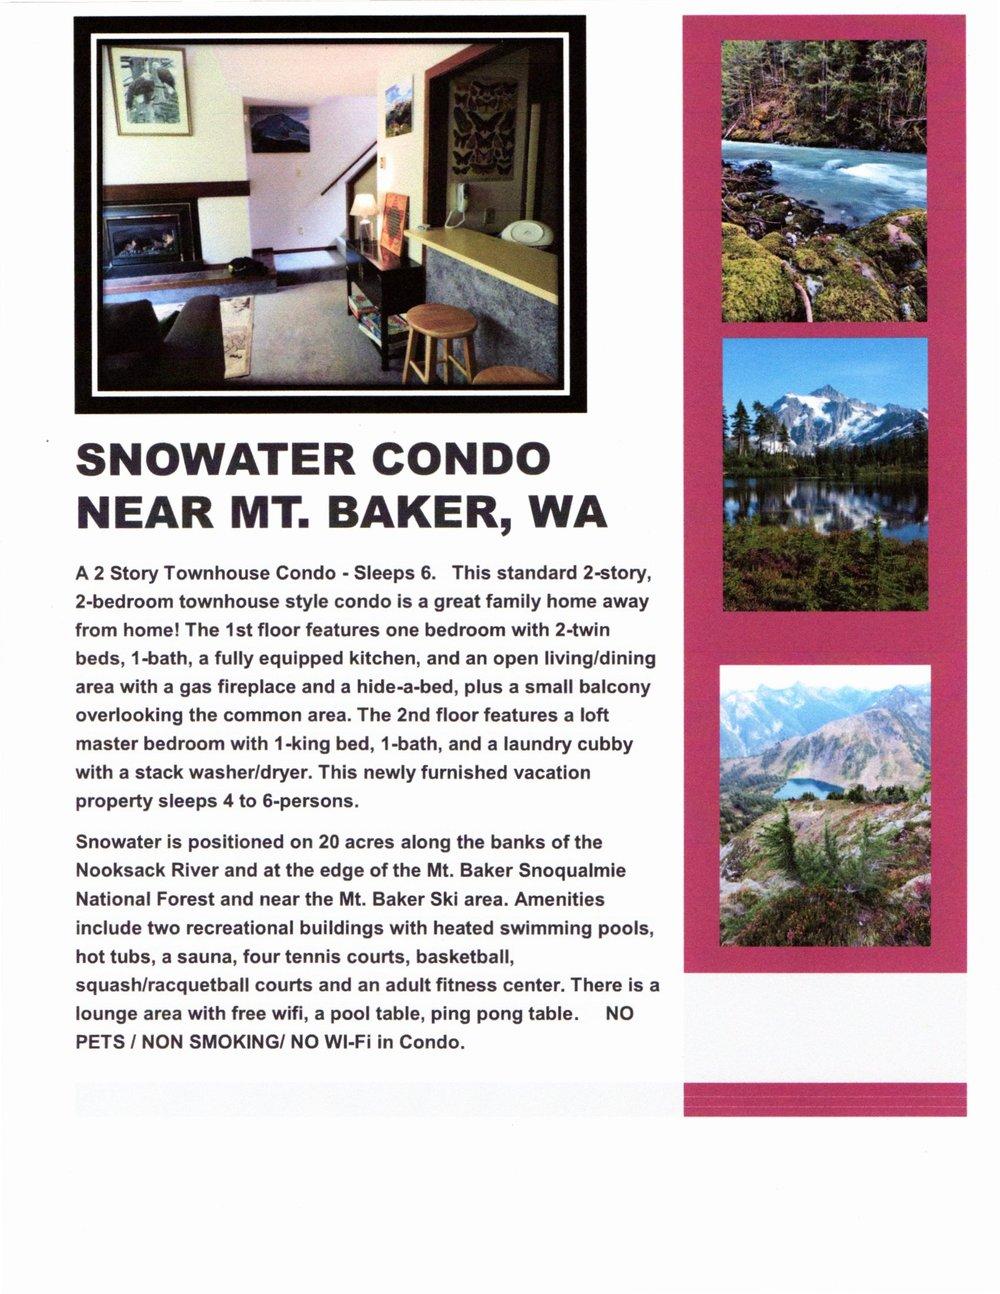 Snowater Condo.jpg